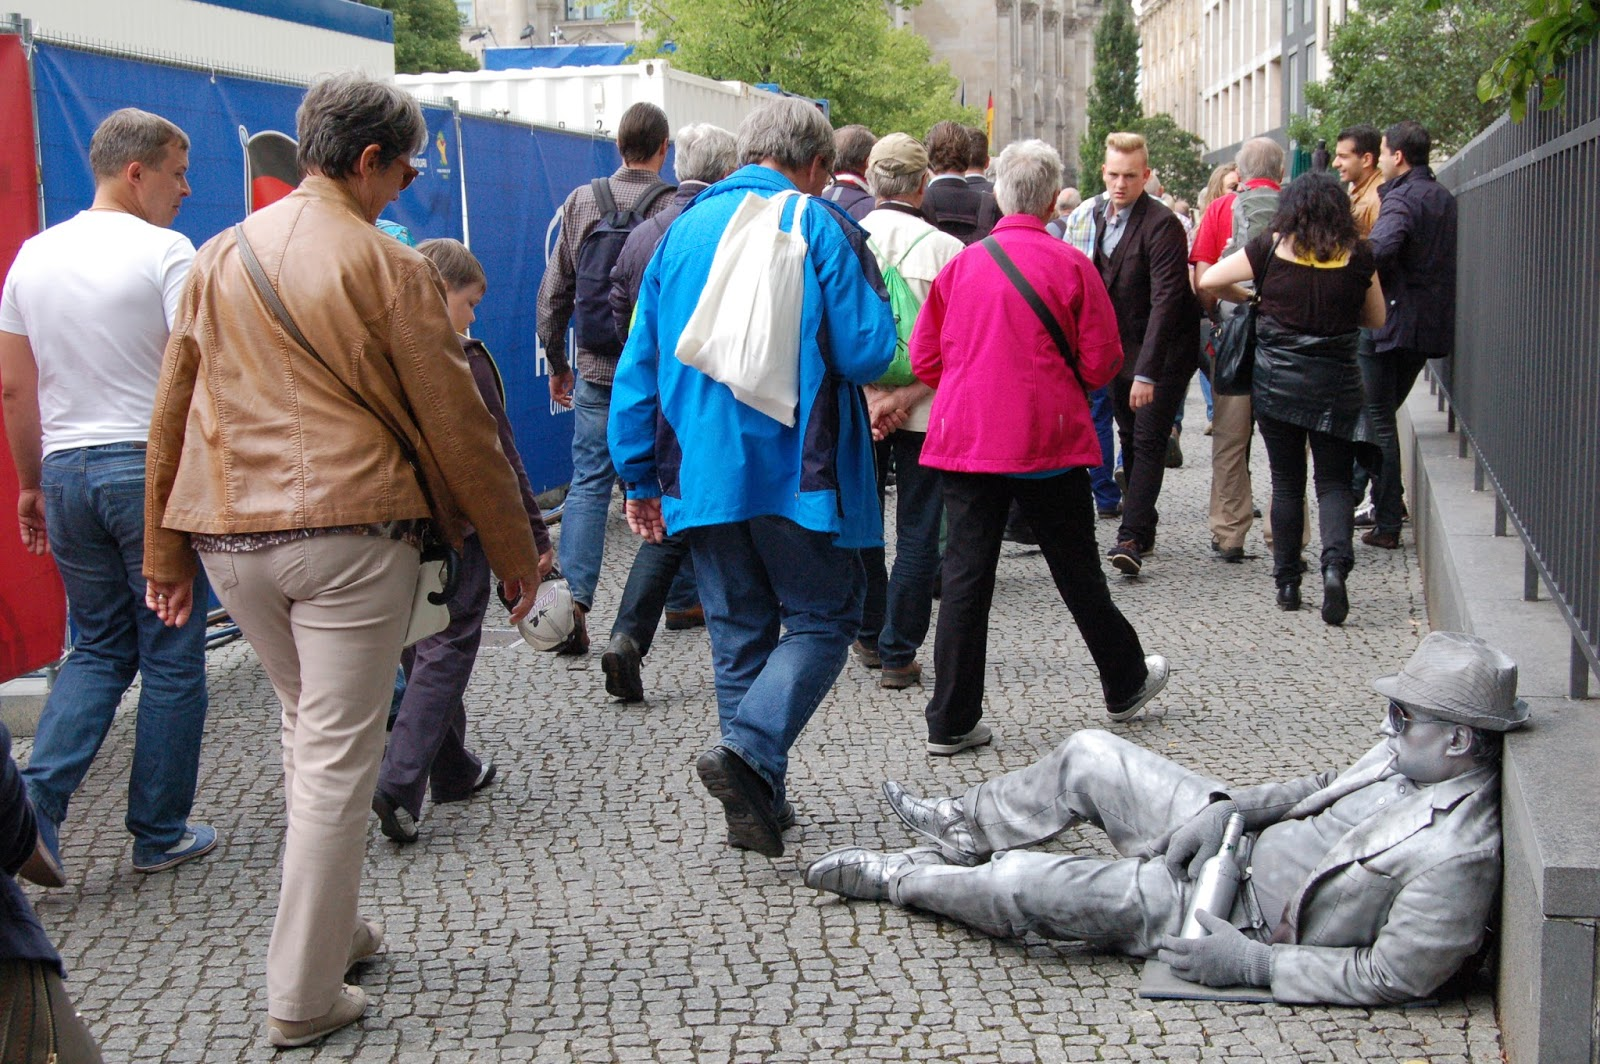 Tanie zwiedzanie Berlina Praktyczne porady